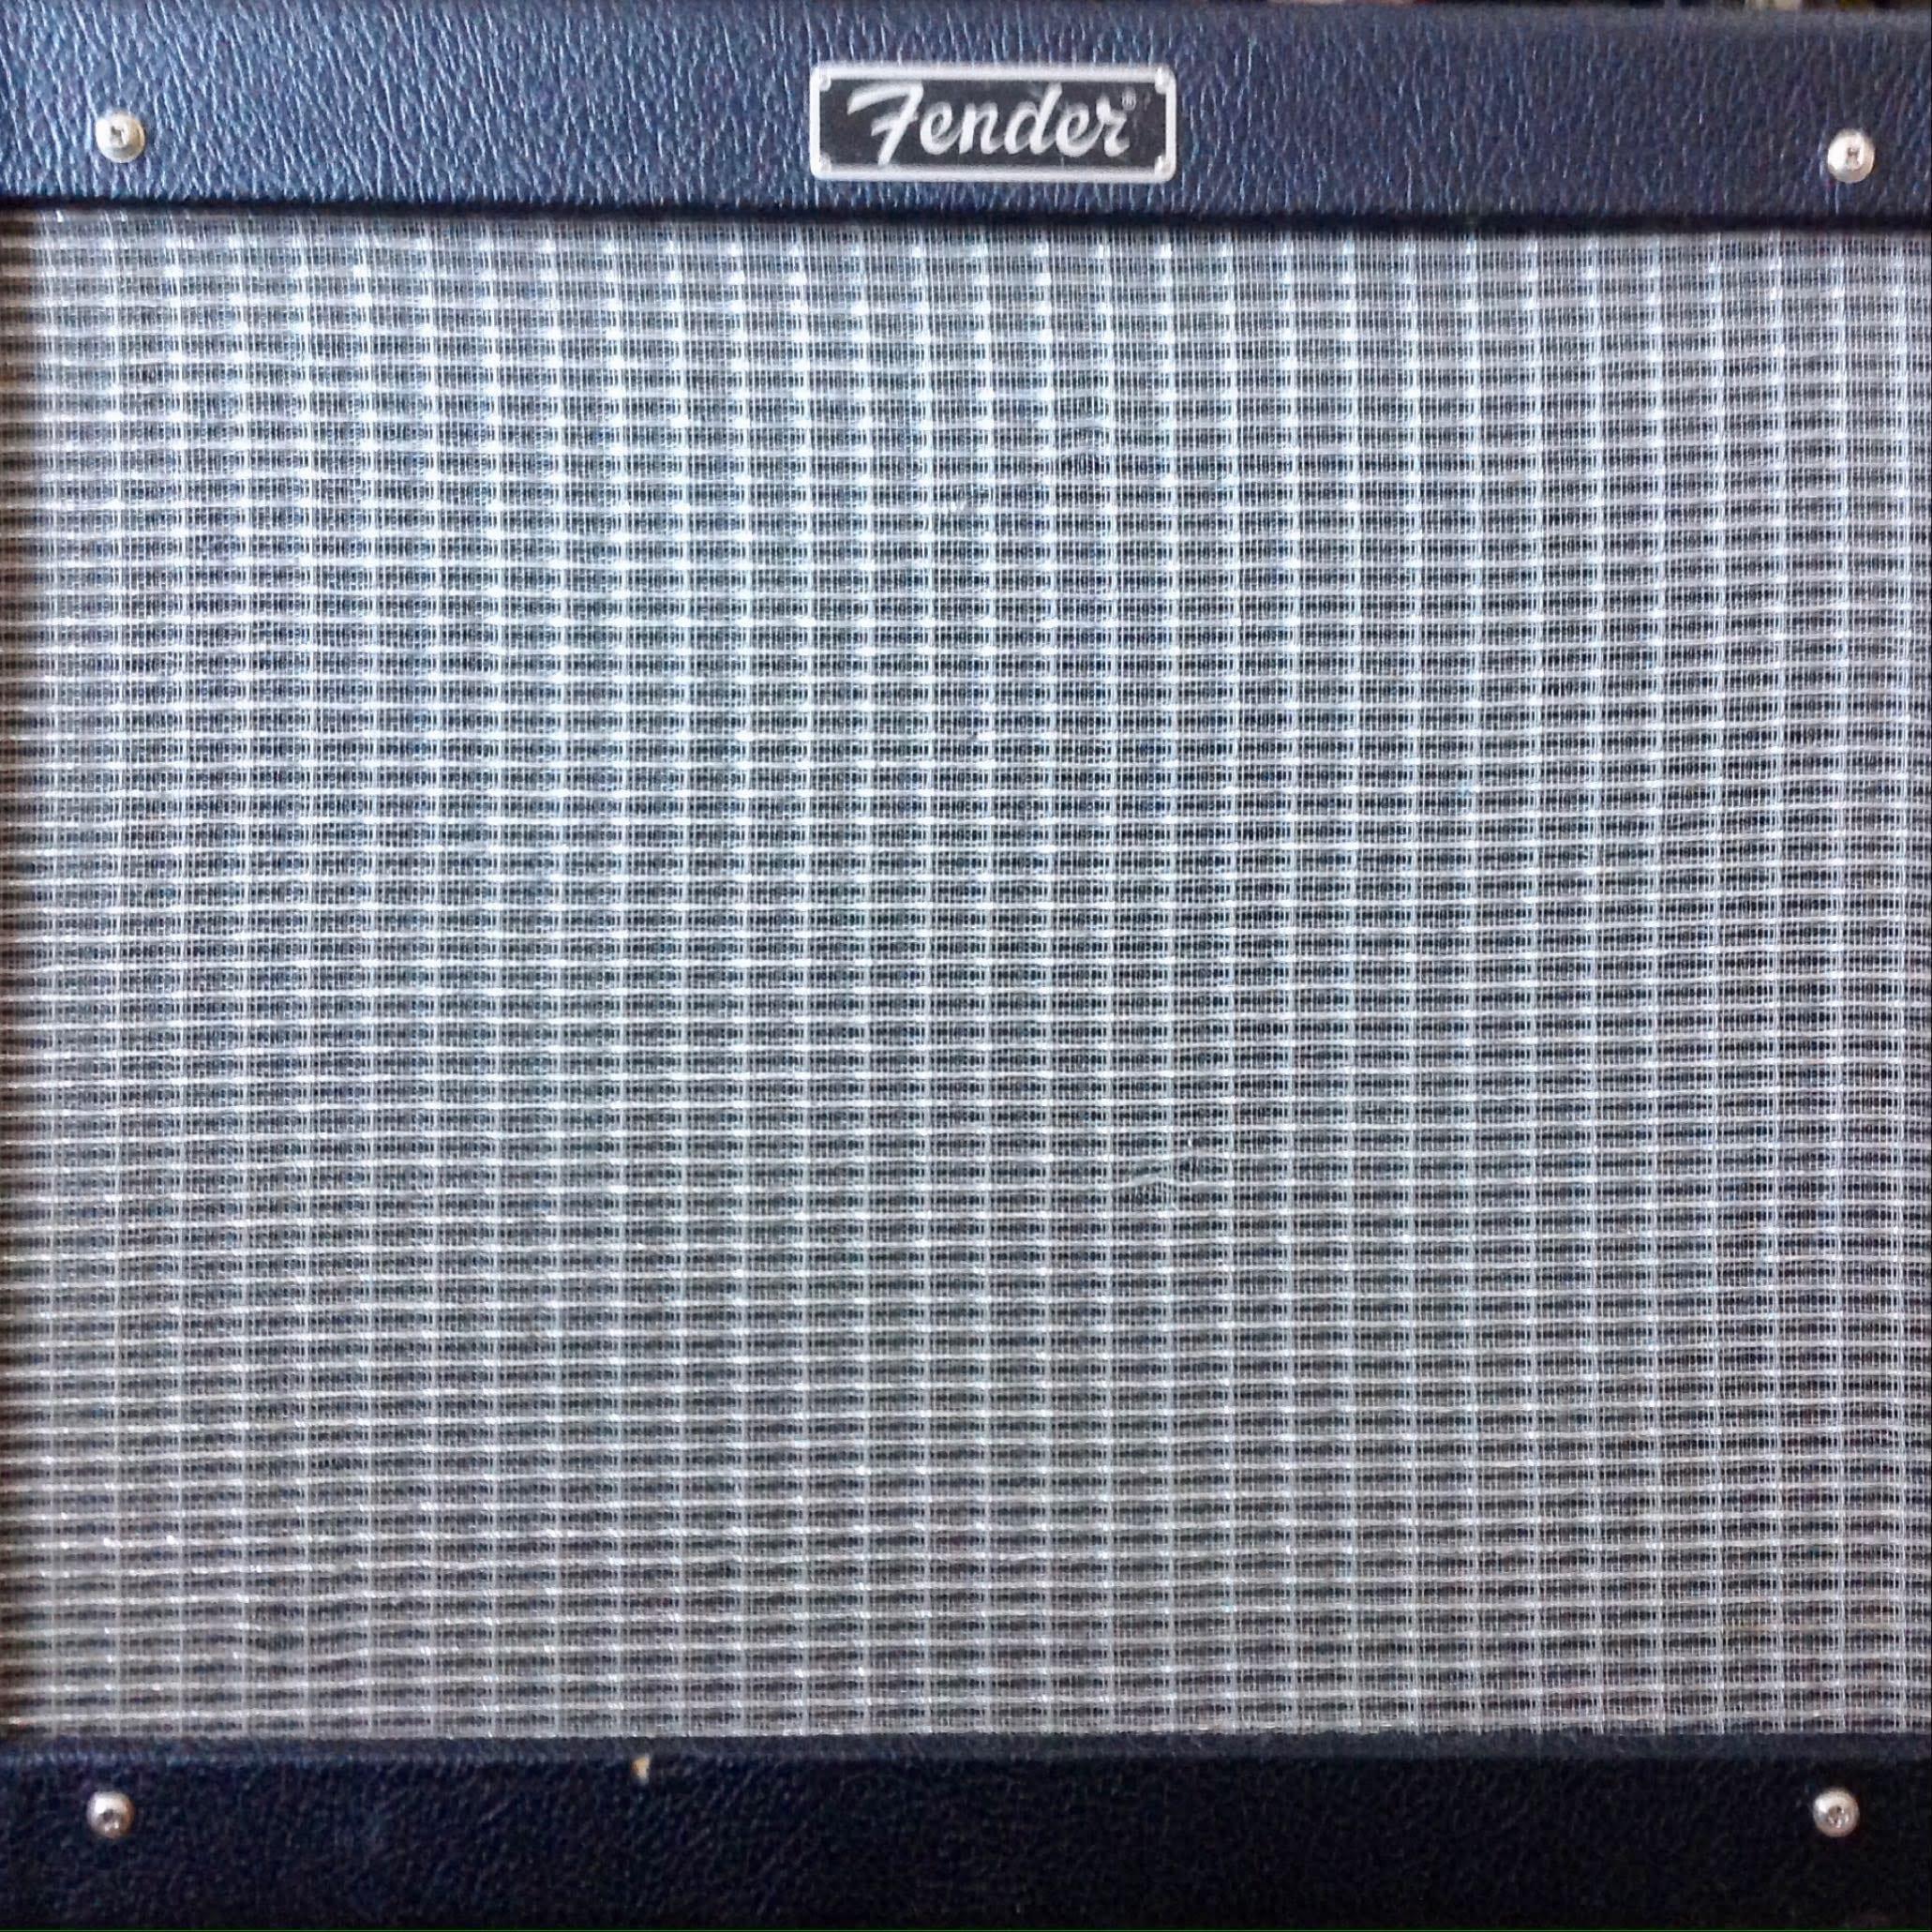 fender Blues Jr Front view image